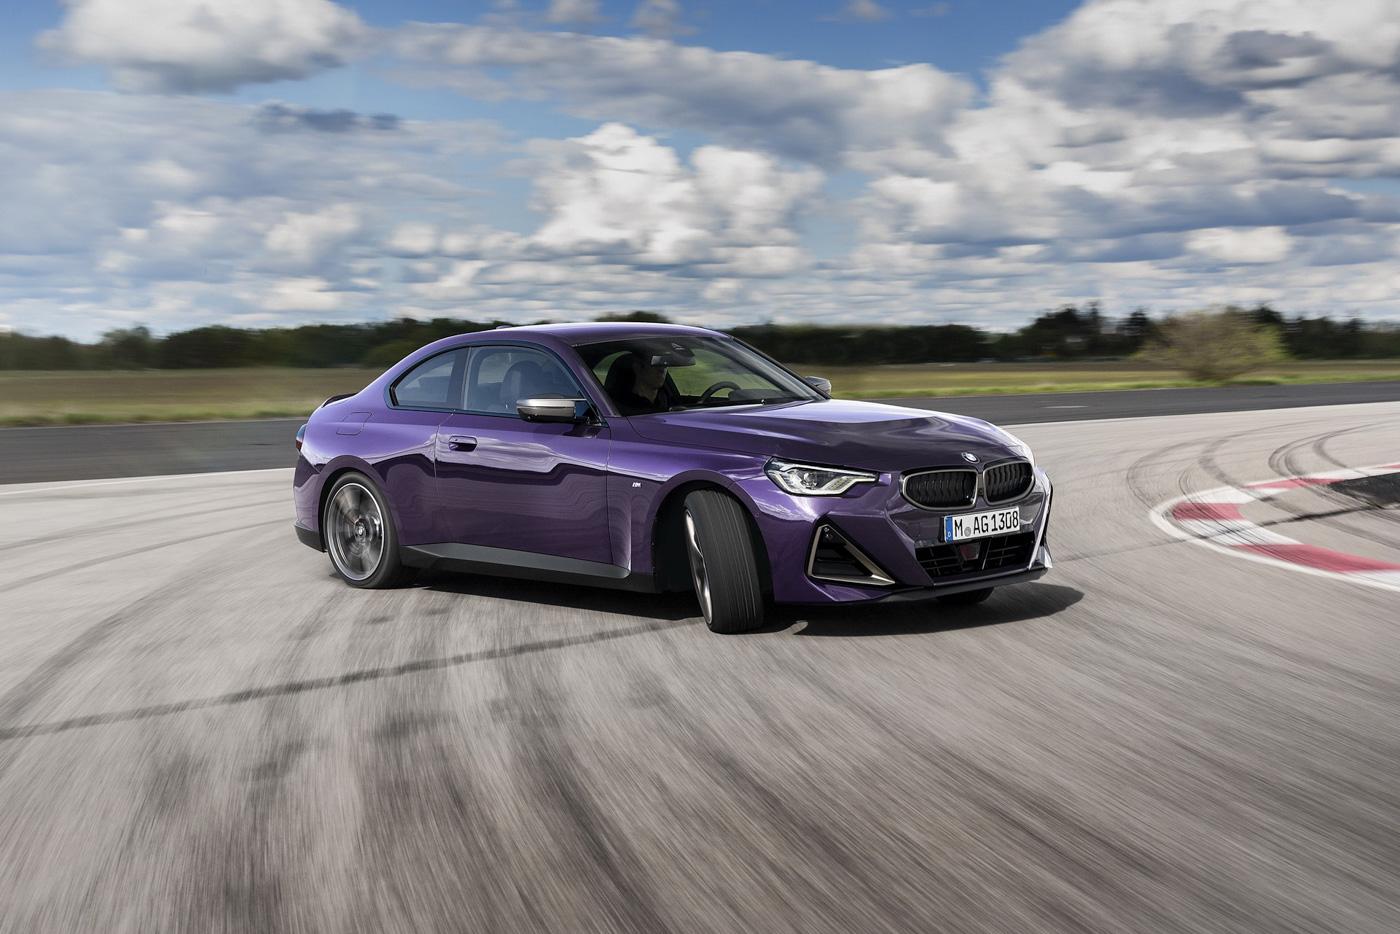 BMW-2-series-2022-ra-mắt-với-giá-bán-từ-36350-usd-4.jpg